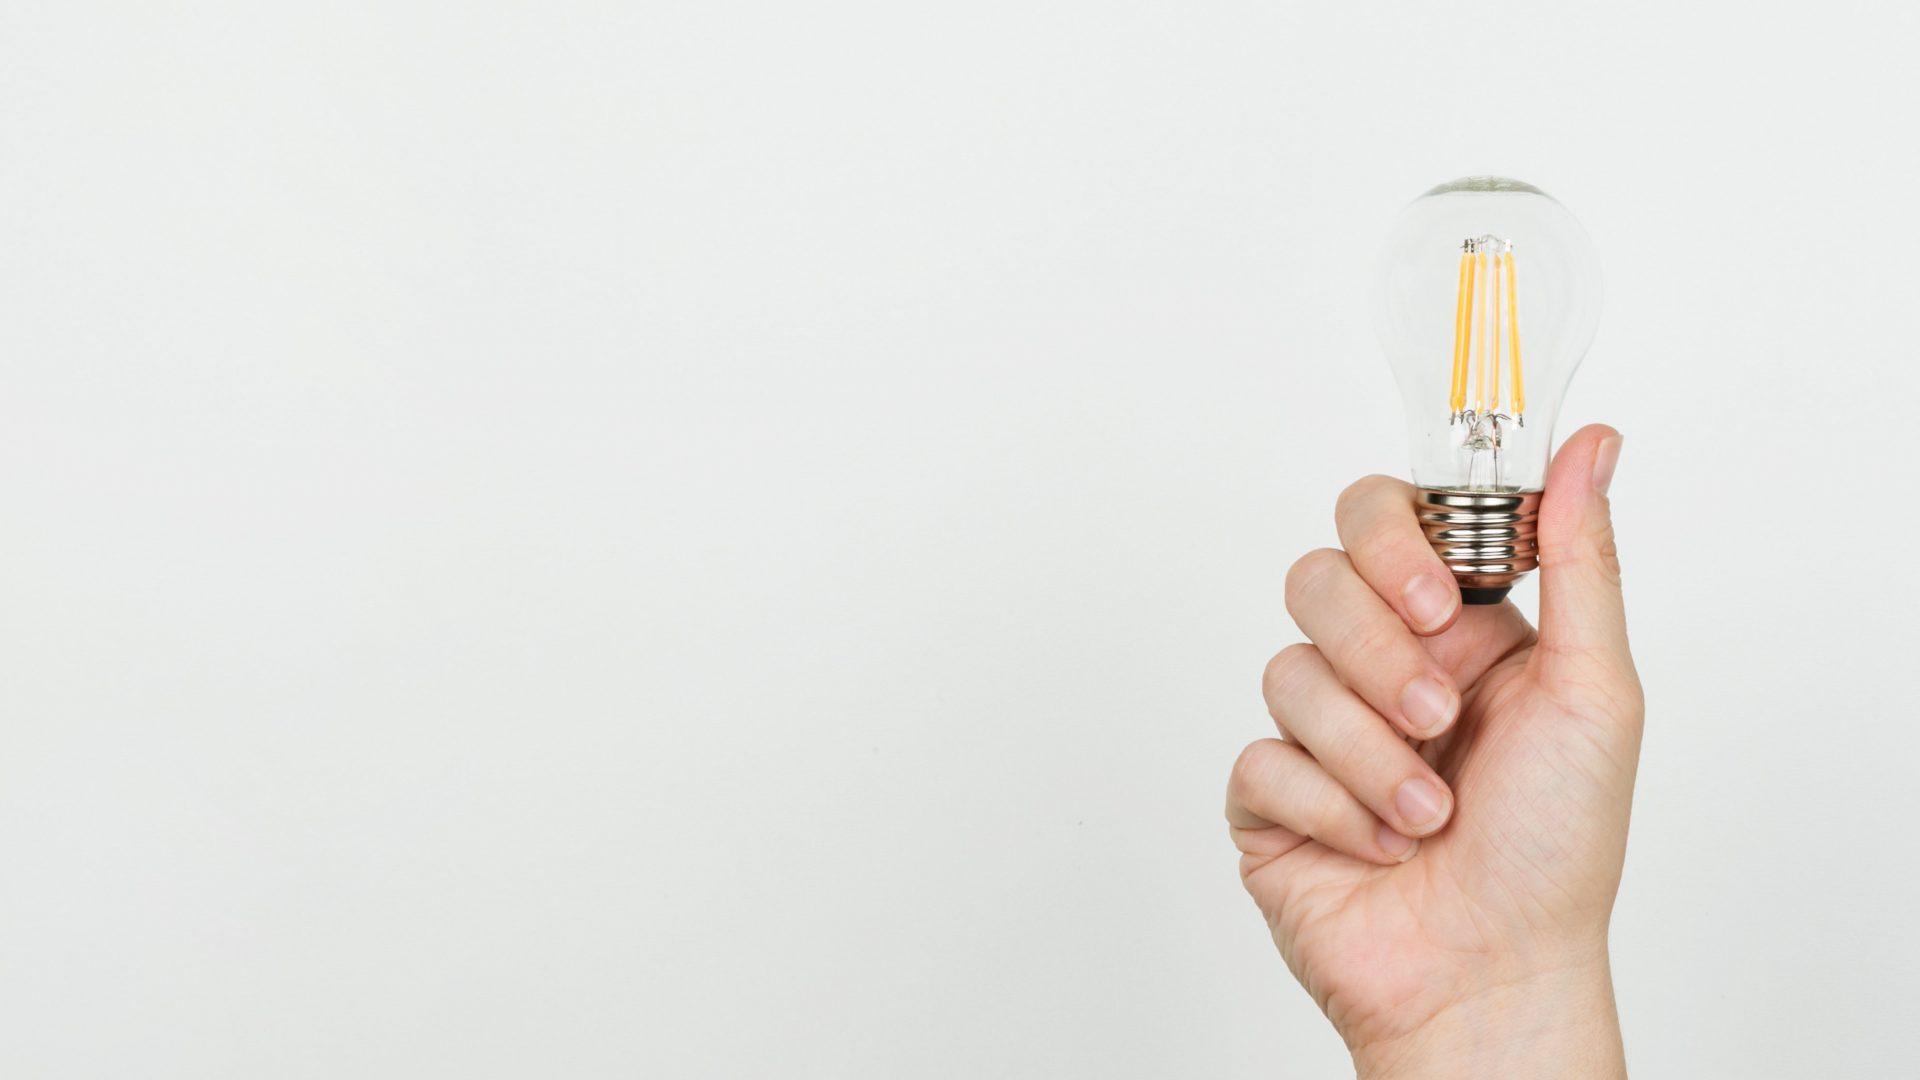 Coapt maintenance team - hand holding lightbulb